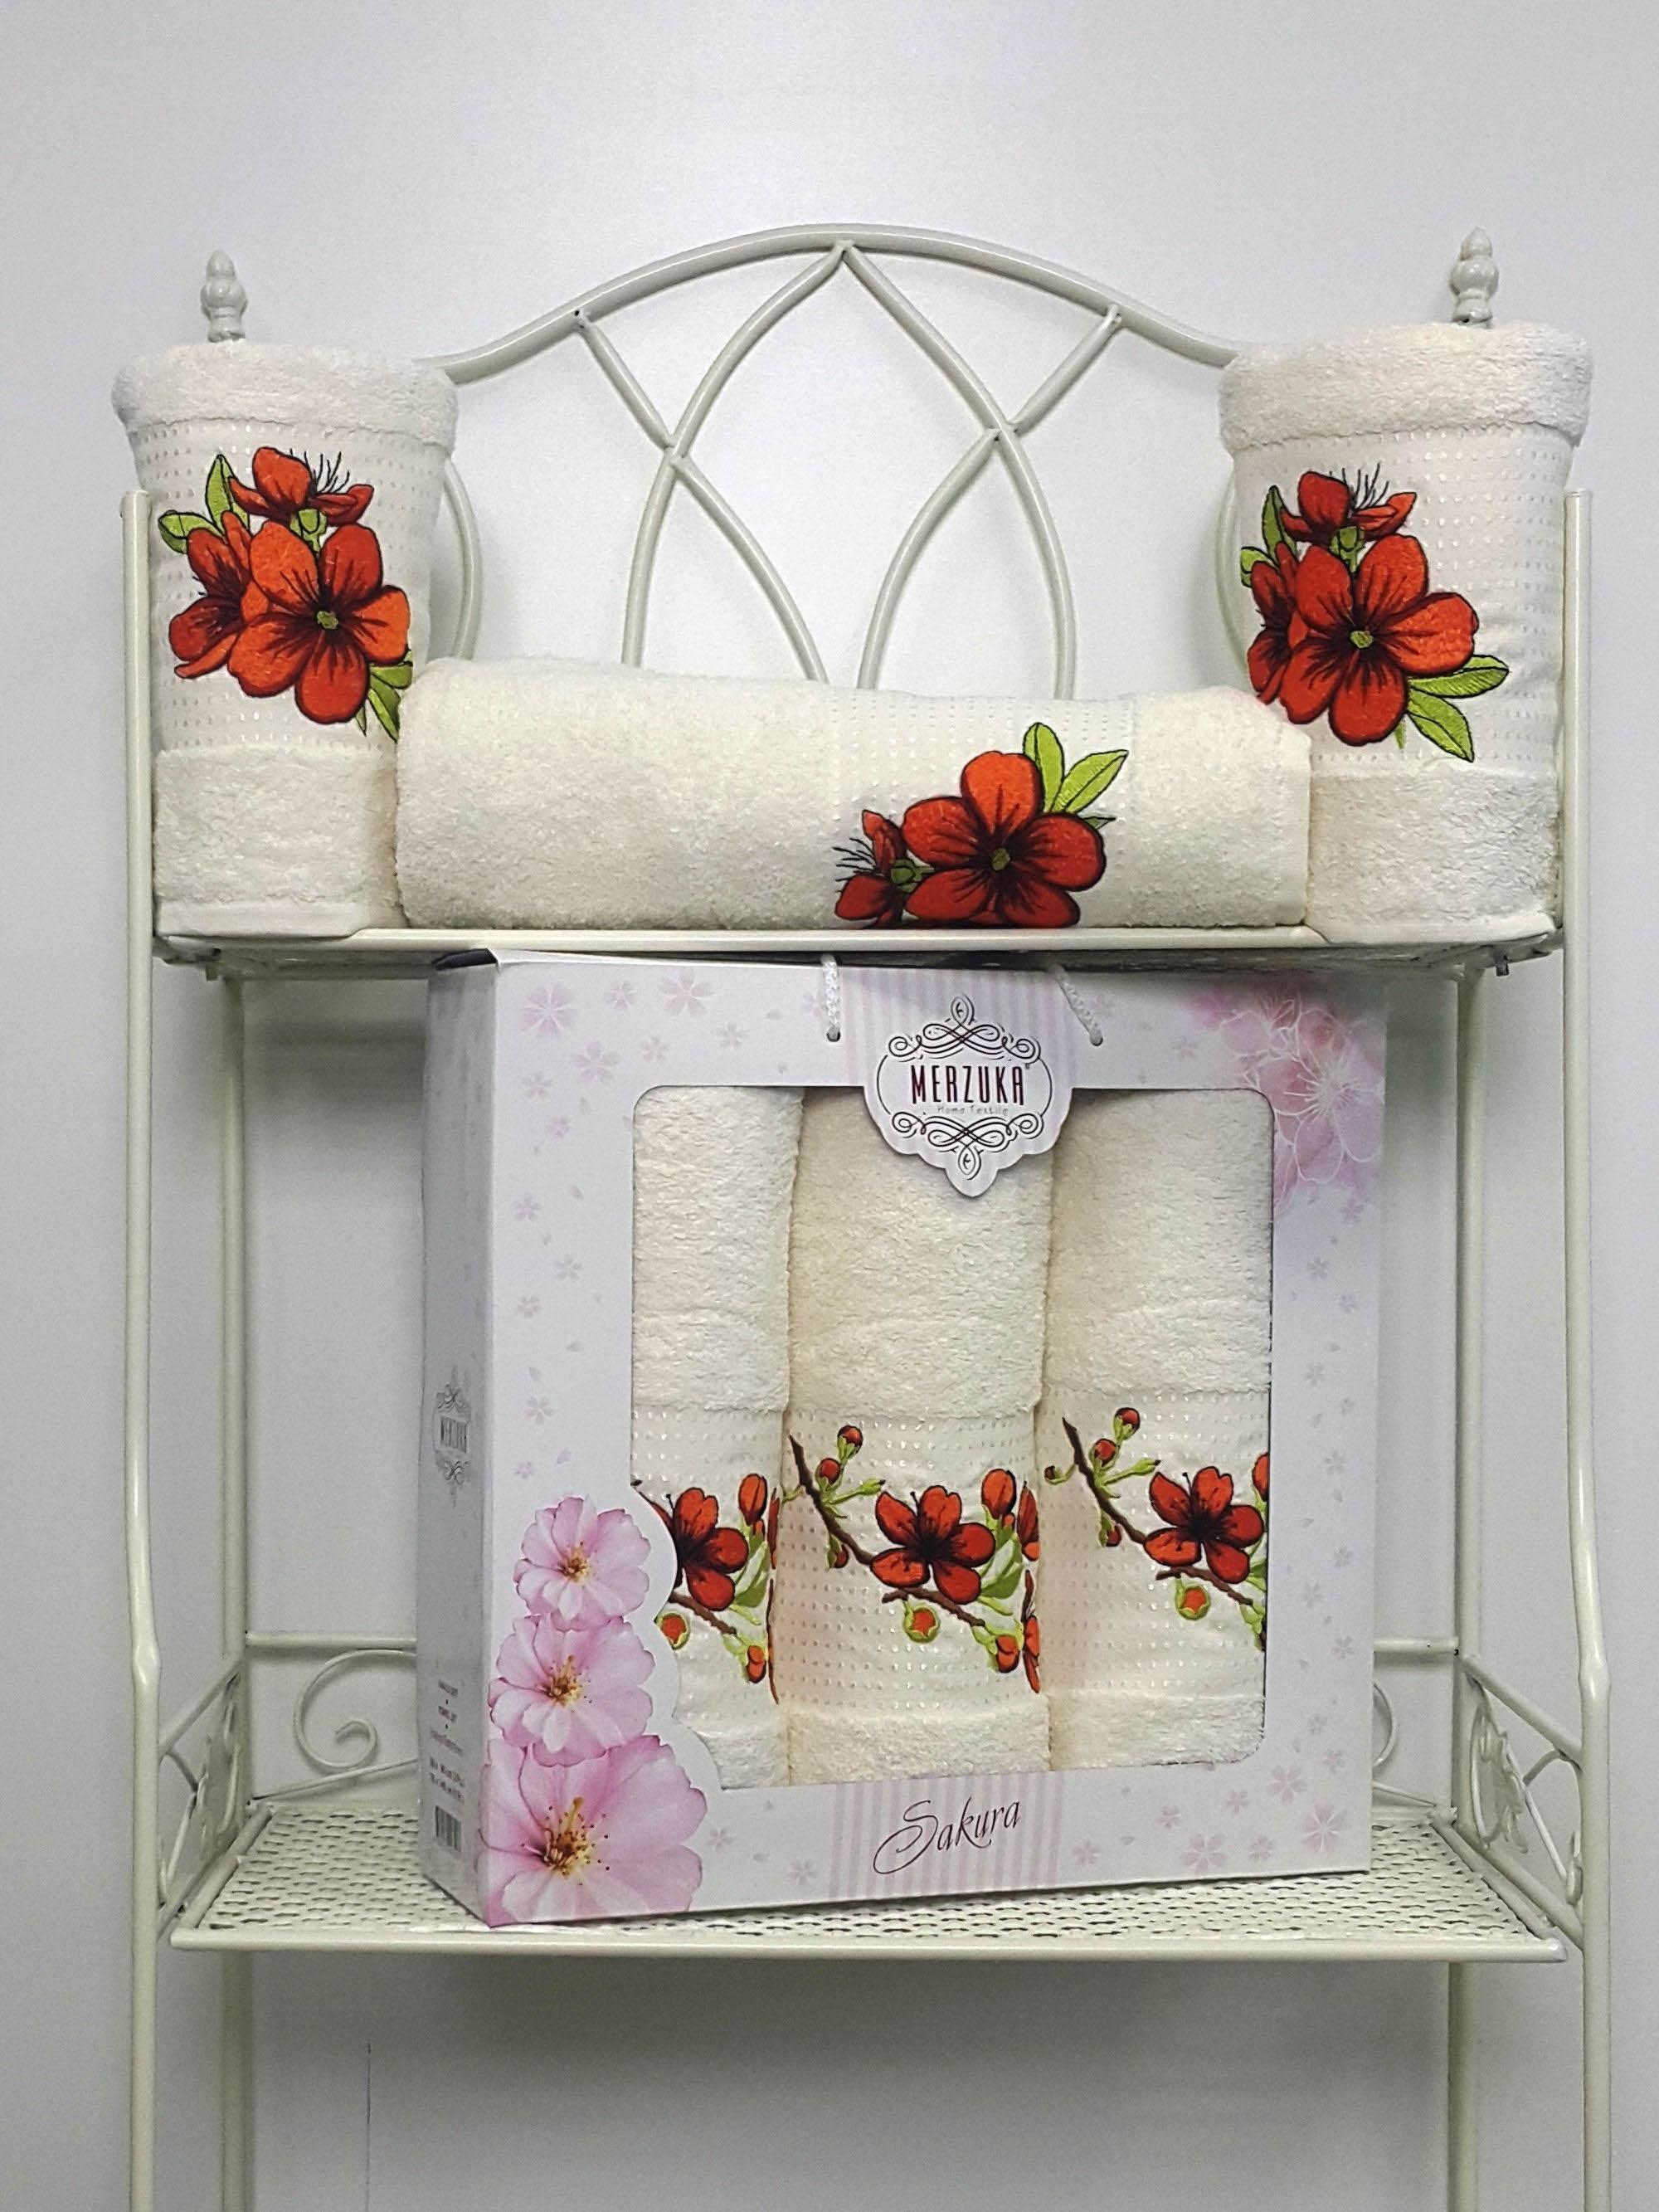 Полотенца Oran Merzuka Полотенце Sakura Цвет: Кремовый (Набор) полотенца oran merzuka набор из 3 полотенец sakura цвет зелёный